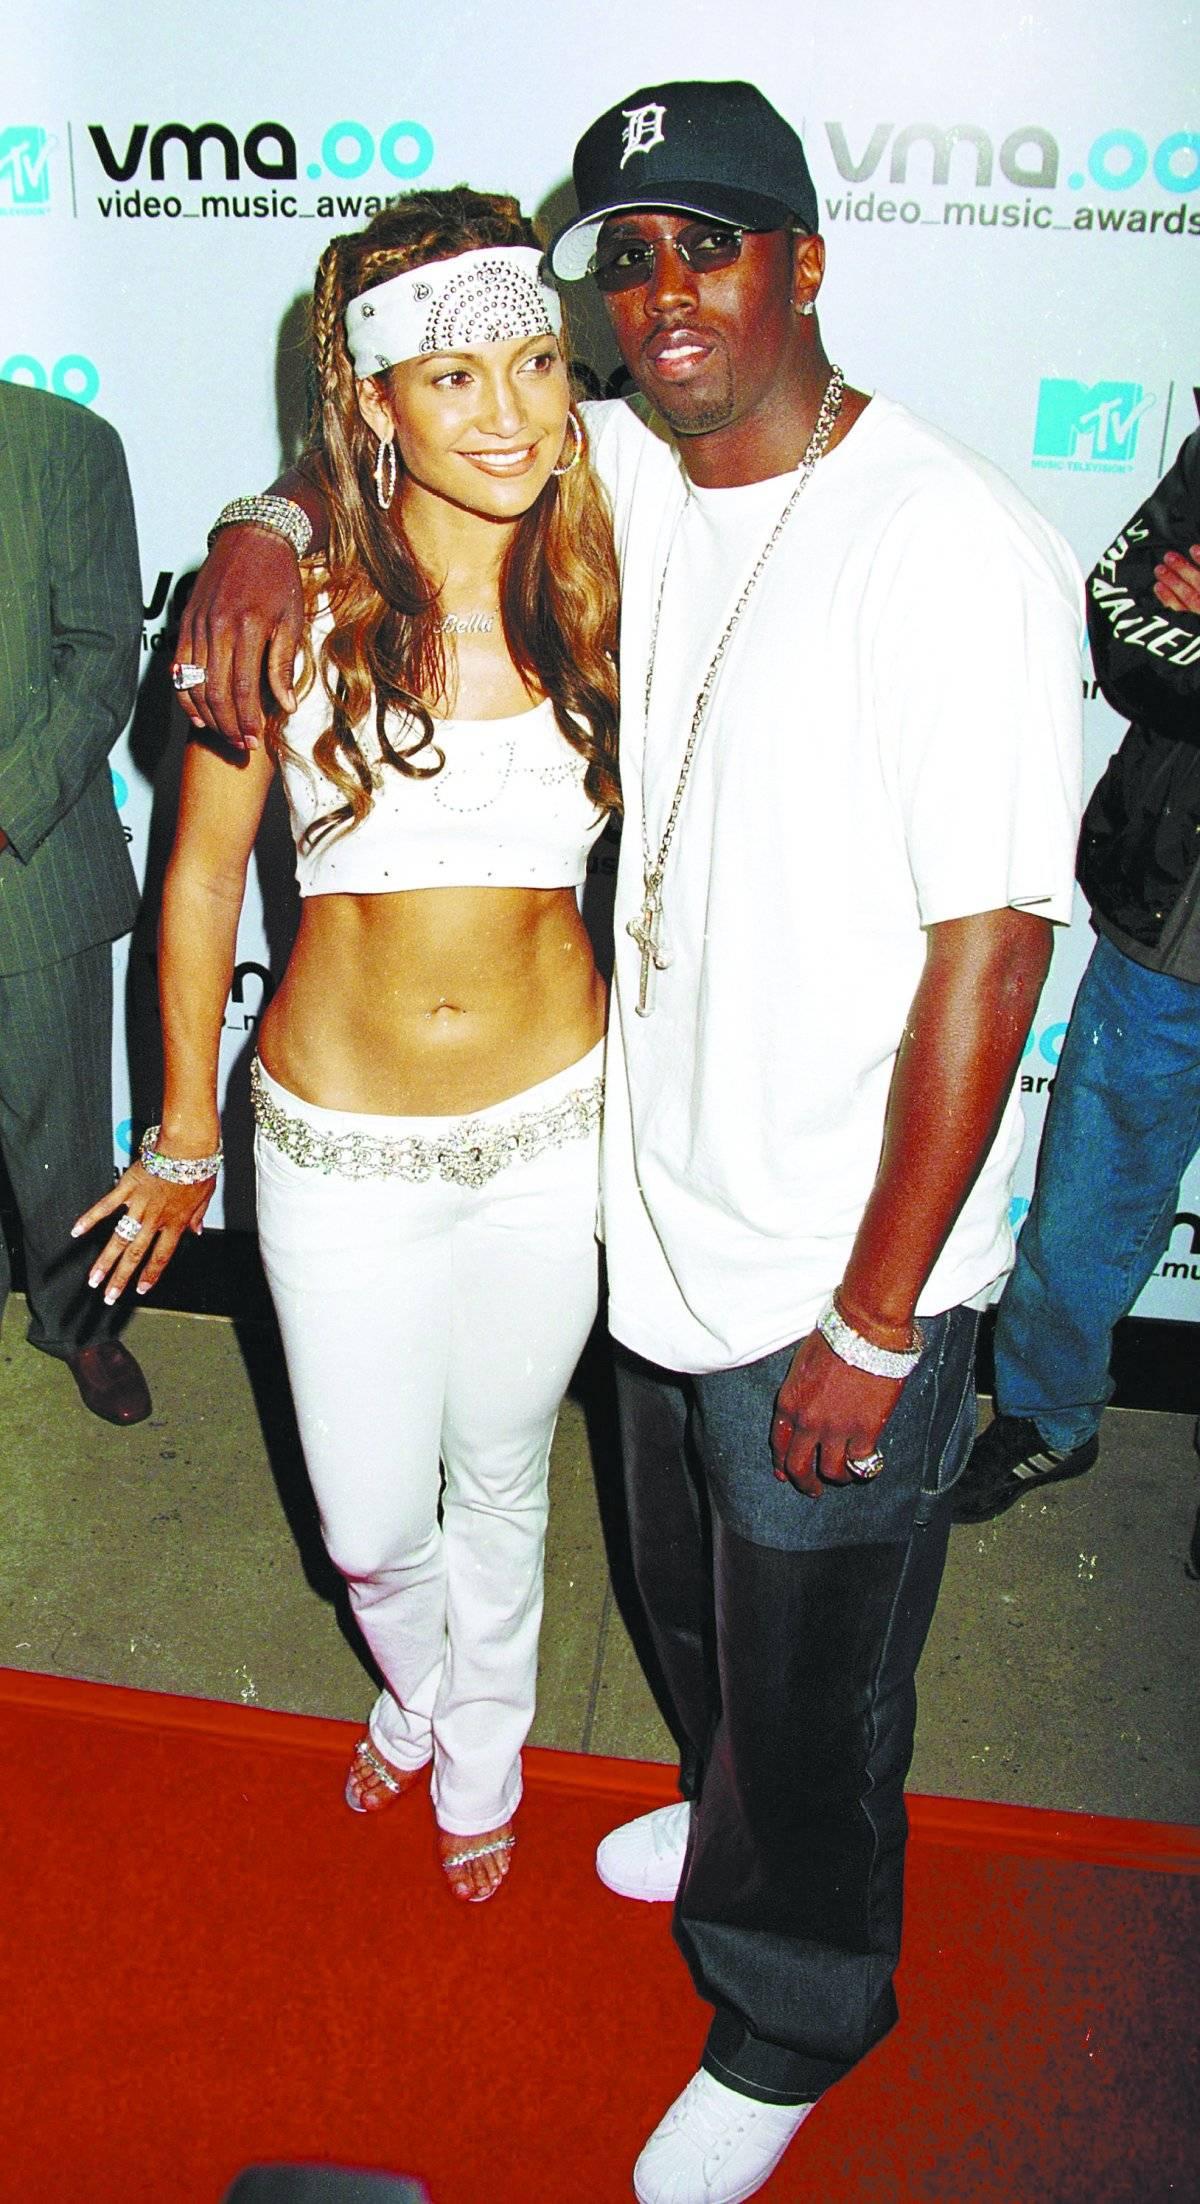 """O estilo """"JLo"""". Cós baixo ou calças jeans brancas, tops tomara que caia e botas de cano branco... Jennifer Lopez tinha um estilo """"hip-hop"""" notável no começo do século, e seu look não ficou para trás. Ao mesmo tempo, diversas estrelas passaram a adotar os tops da diva e eles ficaram populares entre usuários do Instagram e, logo, nas lojas.   Reprodução"""